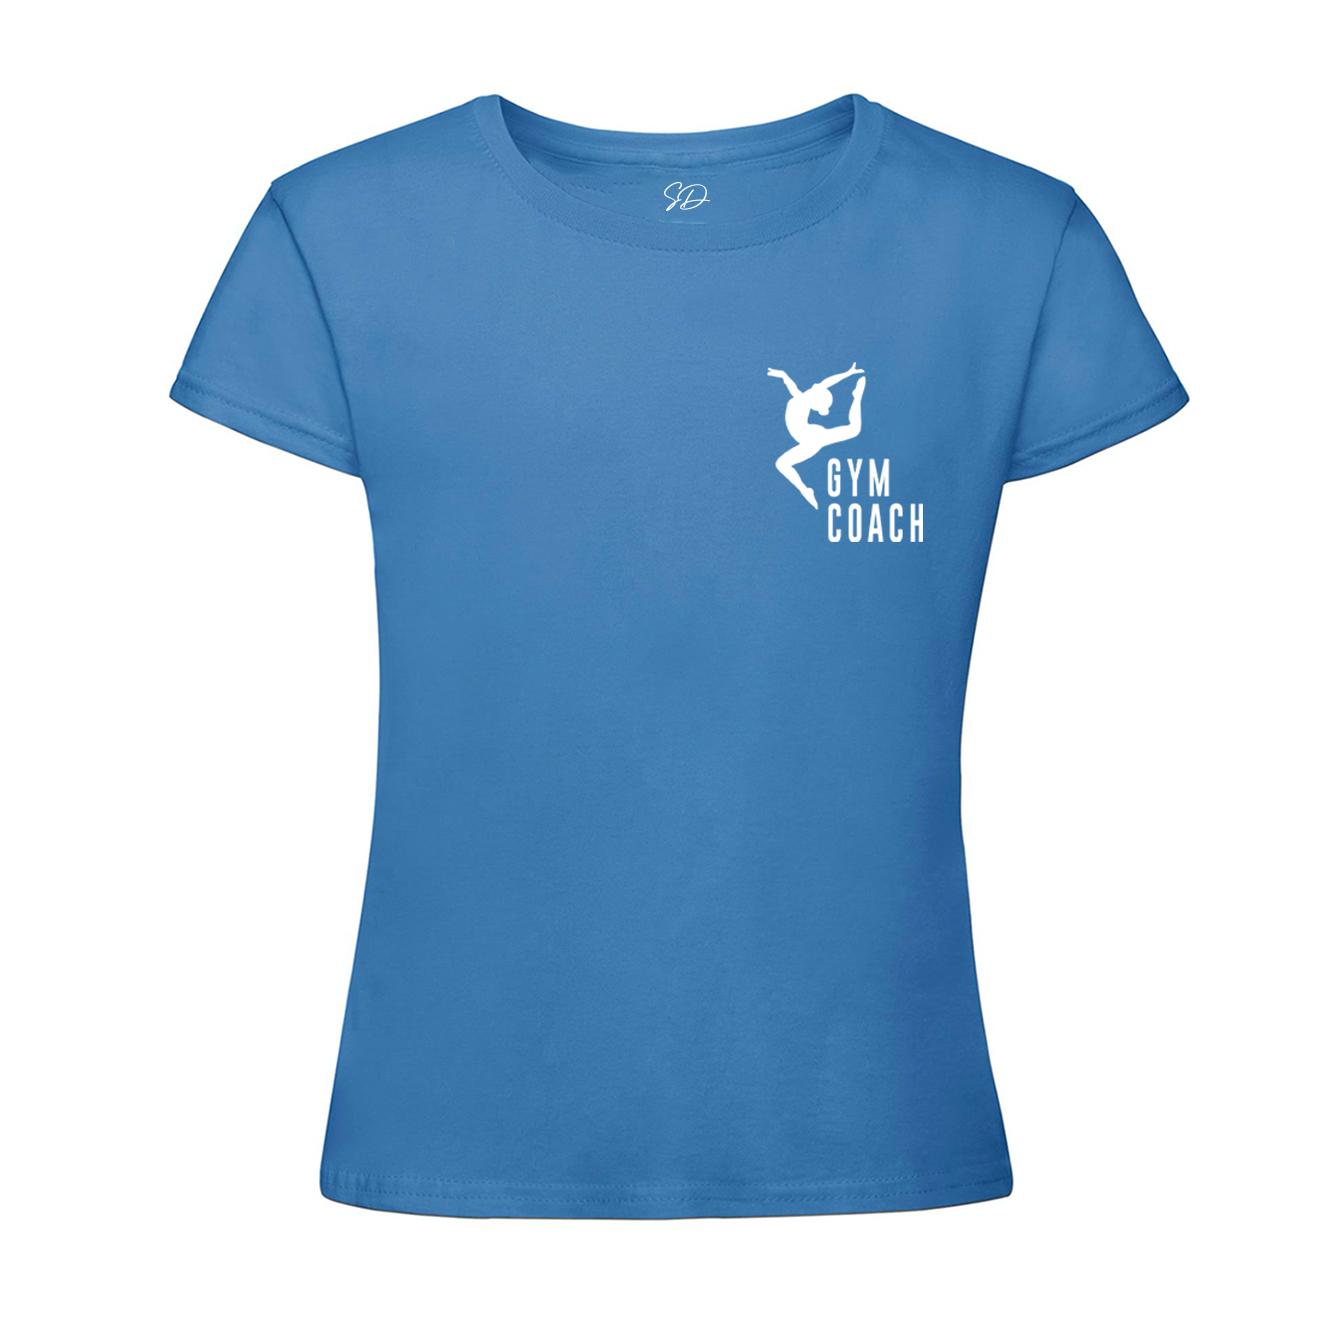 gymcoach-blue